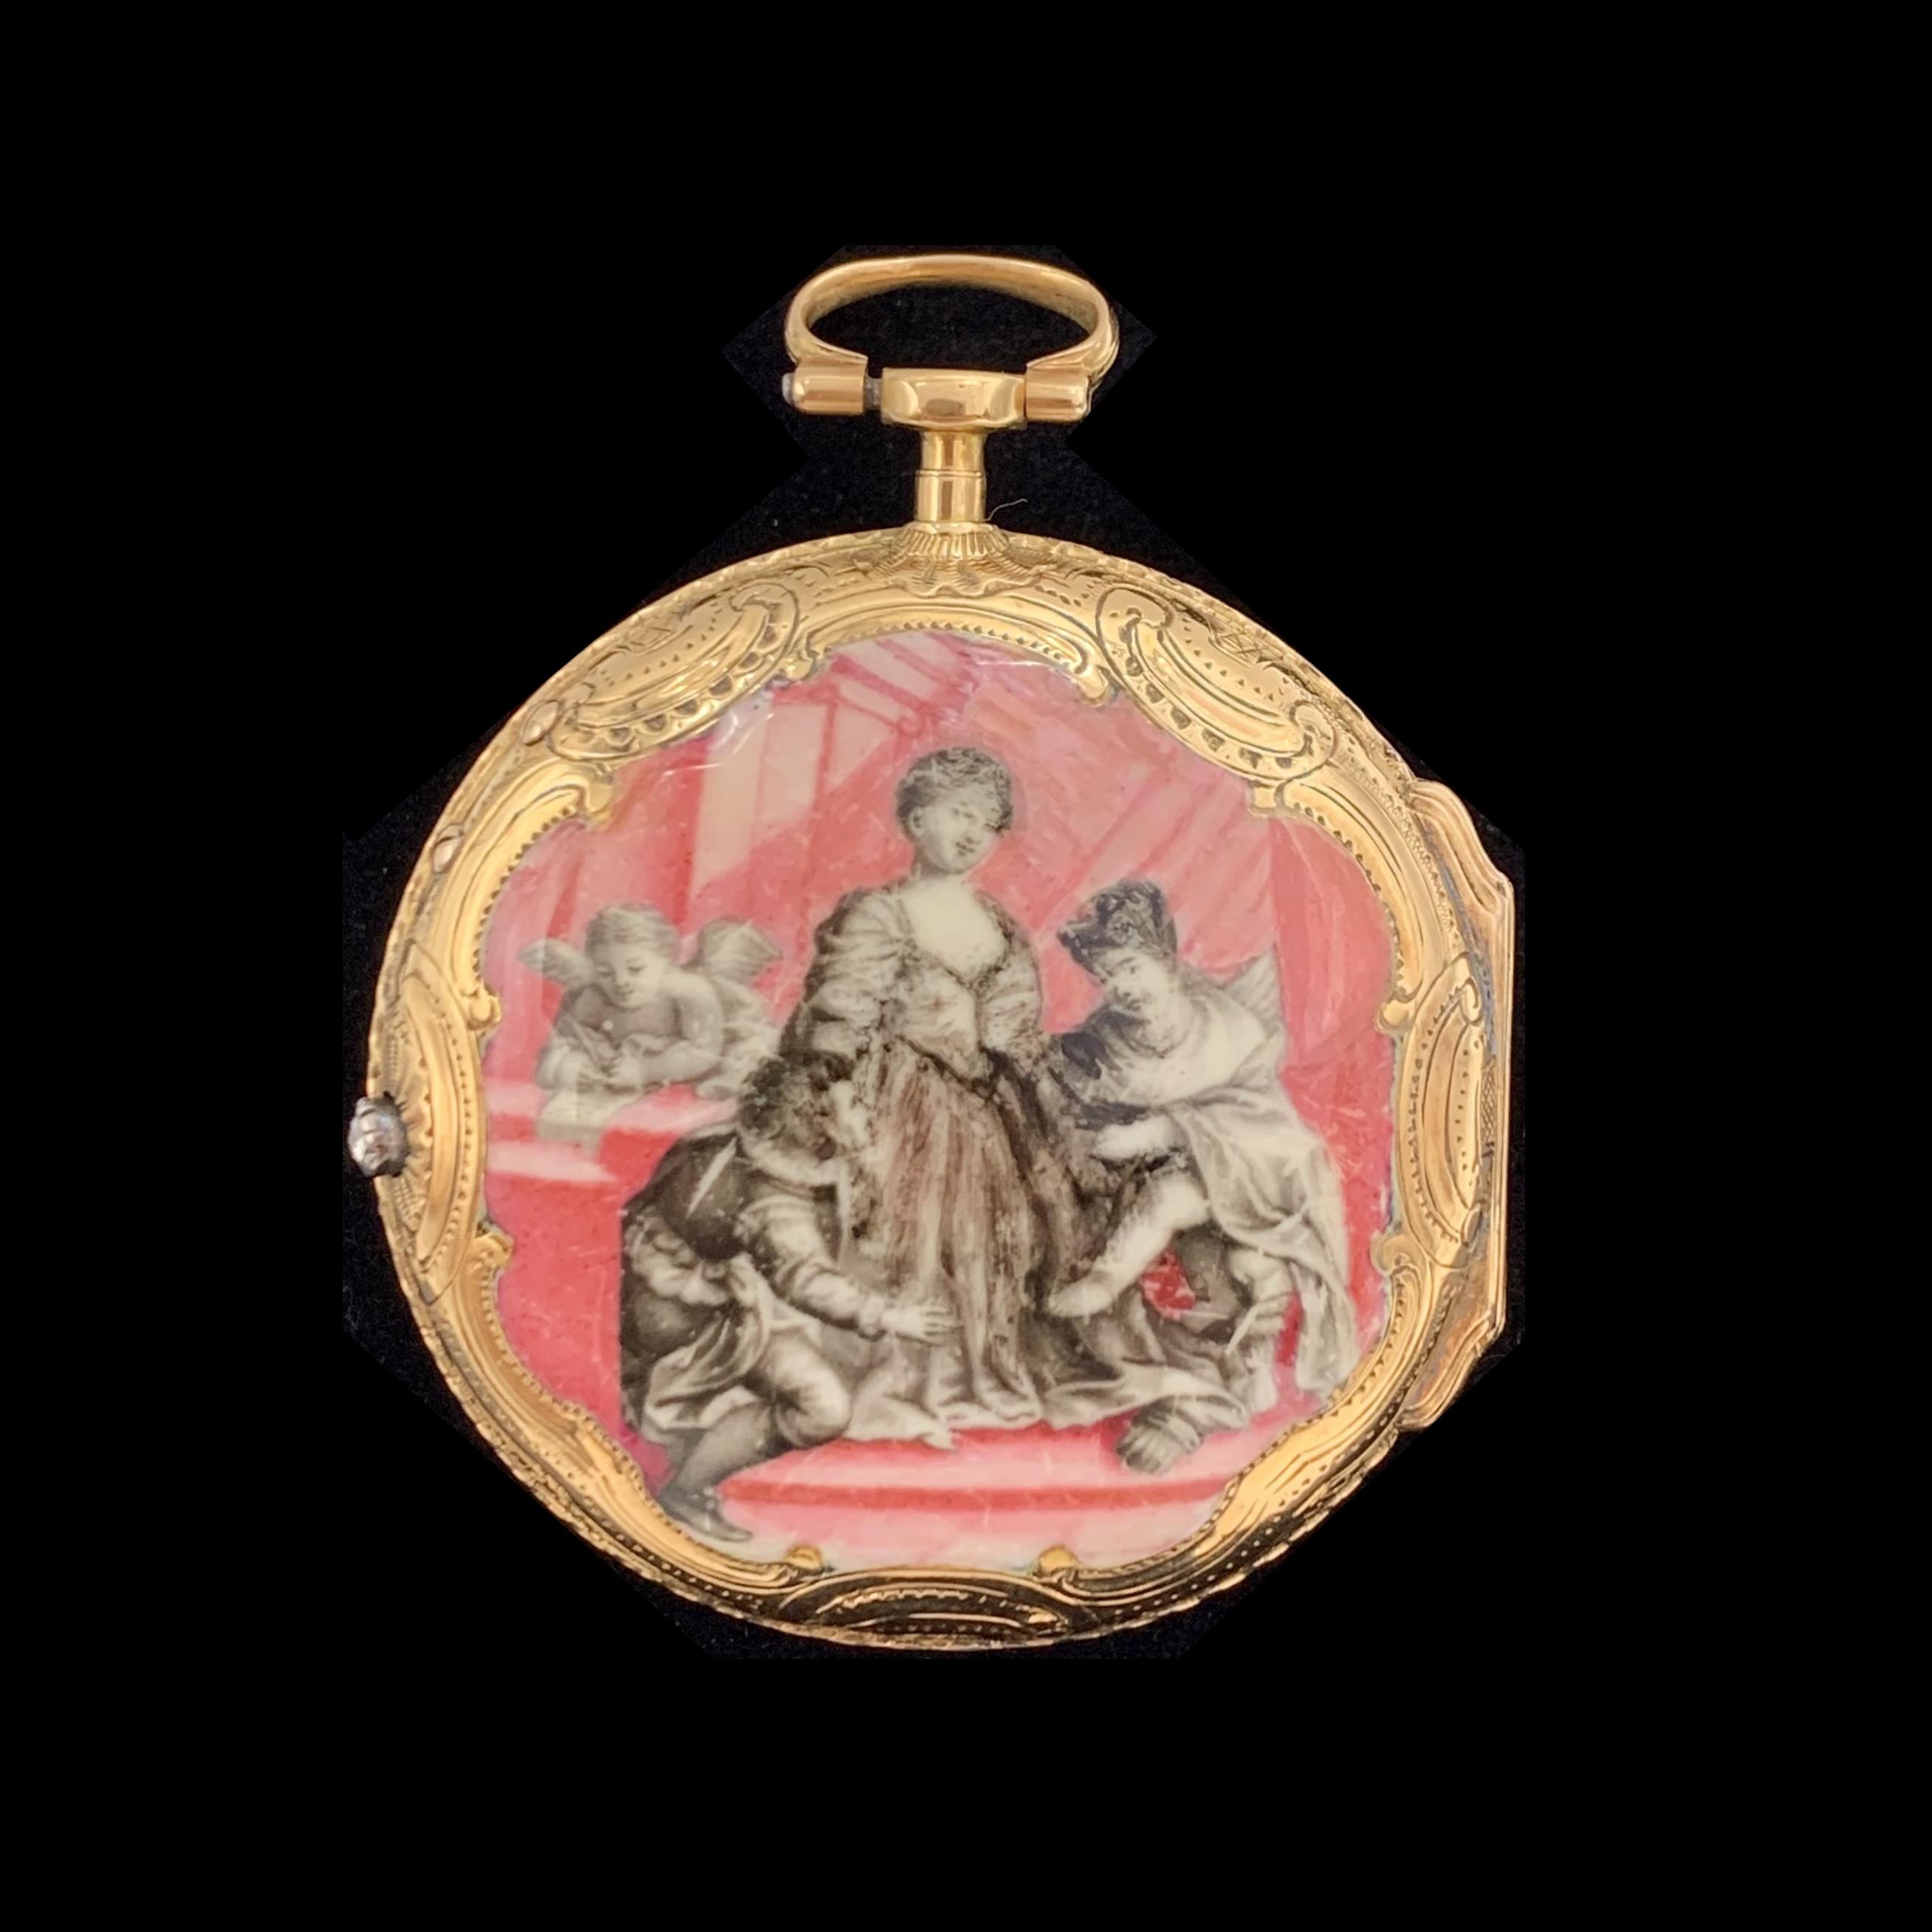 119. BALTAZAR MONTRE DE POCHE à verge en or jaune (750‰) ciselé, orné d'un miniature en émail peint en grisaille sur fond rose représentant une scène composée de deux femmes, un amour et un prétendant. Cadran émail blanc (choc), chiffres romains, lunette et aiguilles ajourées serties de diamants taillés en rose. Mouvement à coq en laiton doré signé BALTAZAR Paris, et numéroté 8278. Deuxième moitié du XVIIIème siècle. Cal. : 42 mm. Poids brut : 49,9 g. 1.000/2.000 Expert Cukierman